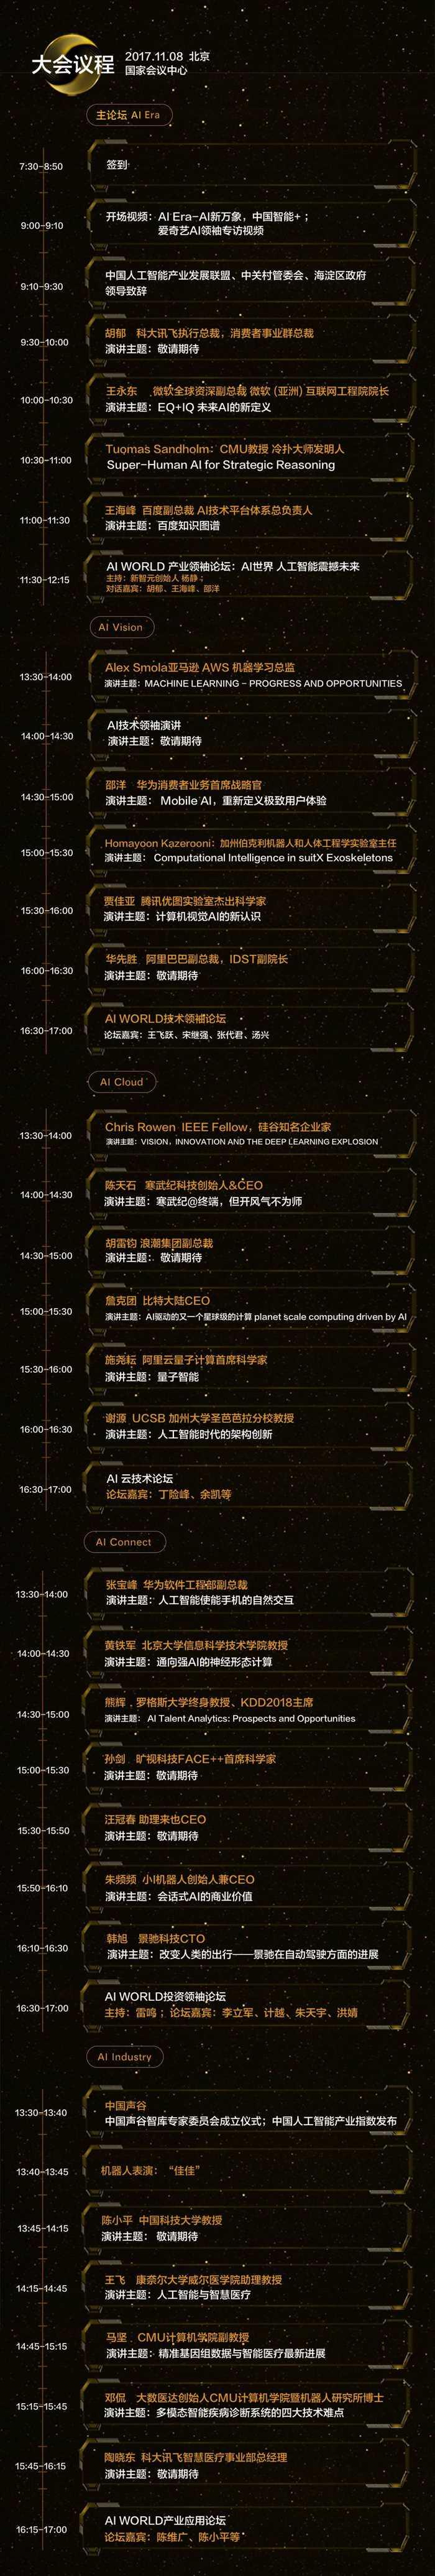 新智元 大会议程.jpg